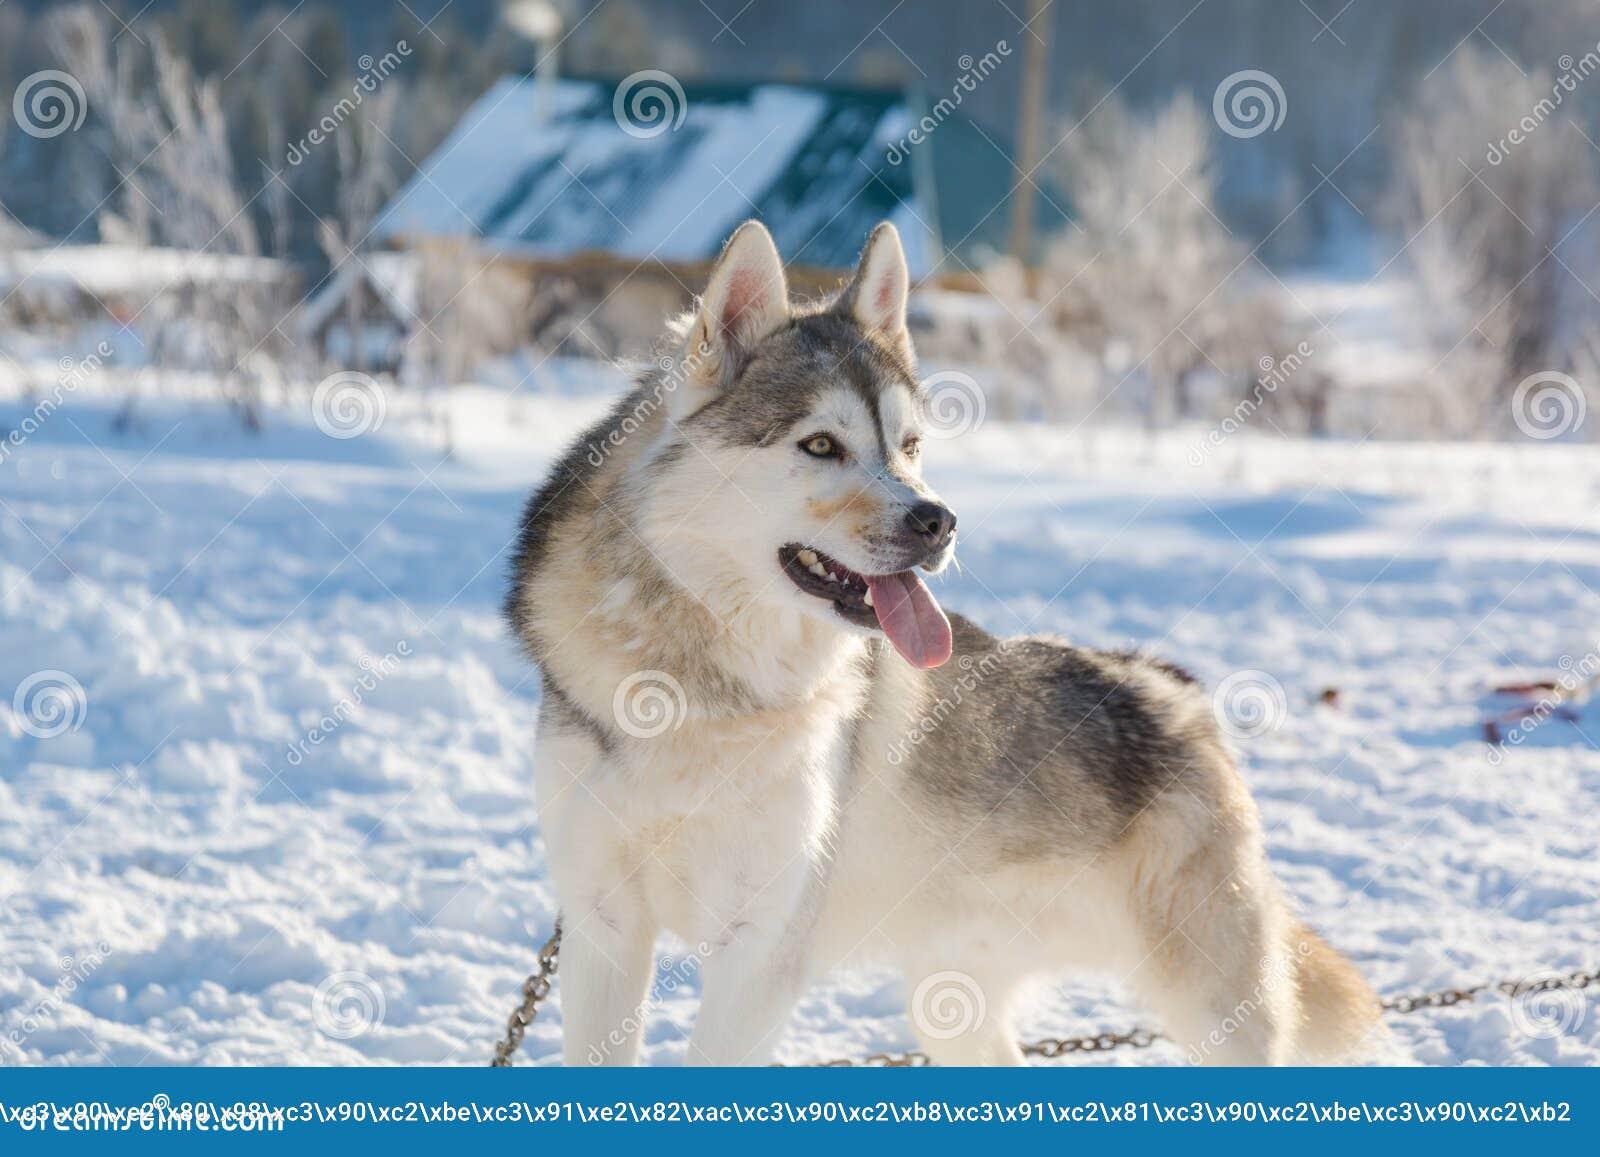 Huskies Haskiya del montar a caballo en el invierno